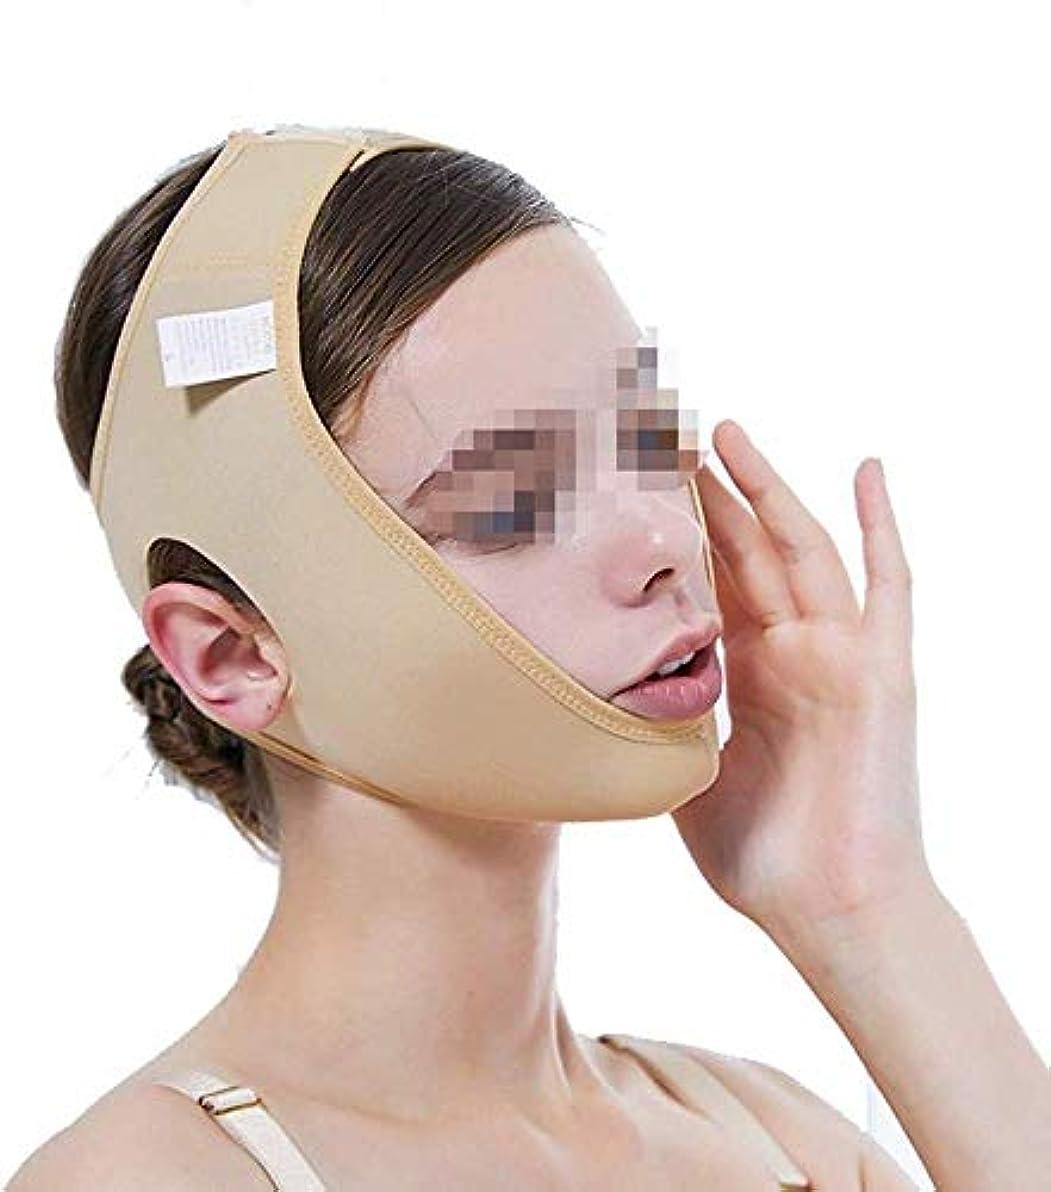 アンティークグロー変化する美容と実用的な術後ヘッドギア、薄型ダブルチンVフェイスビームフェイスジョーセットフェイスマスクマルチサイズオプション(サイズ:XS)